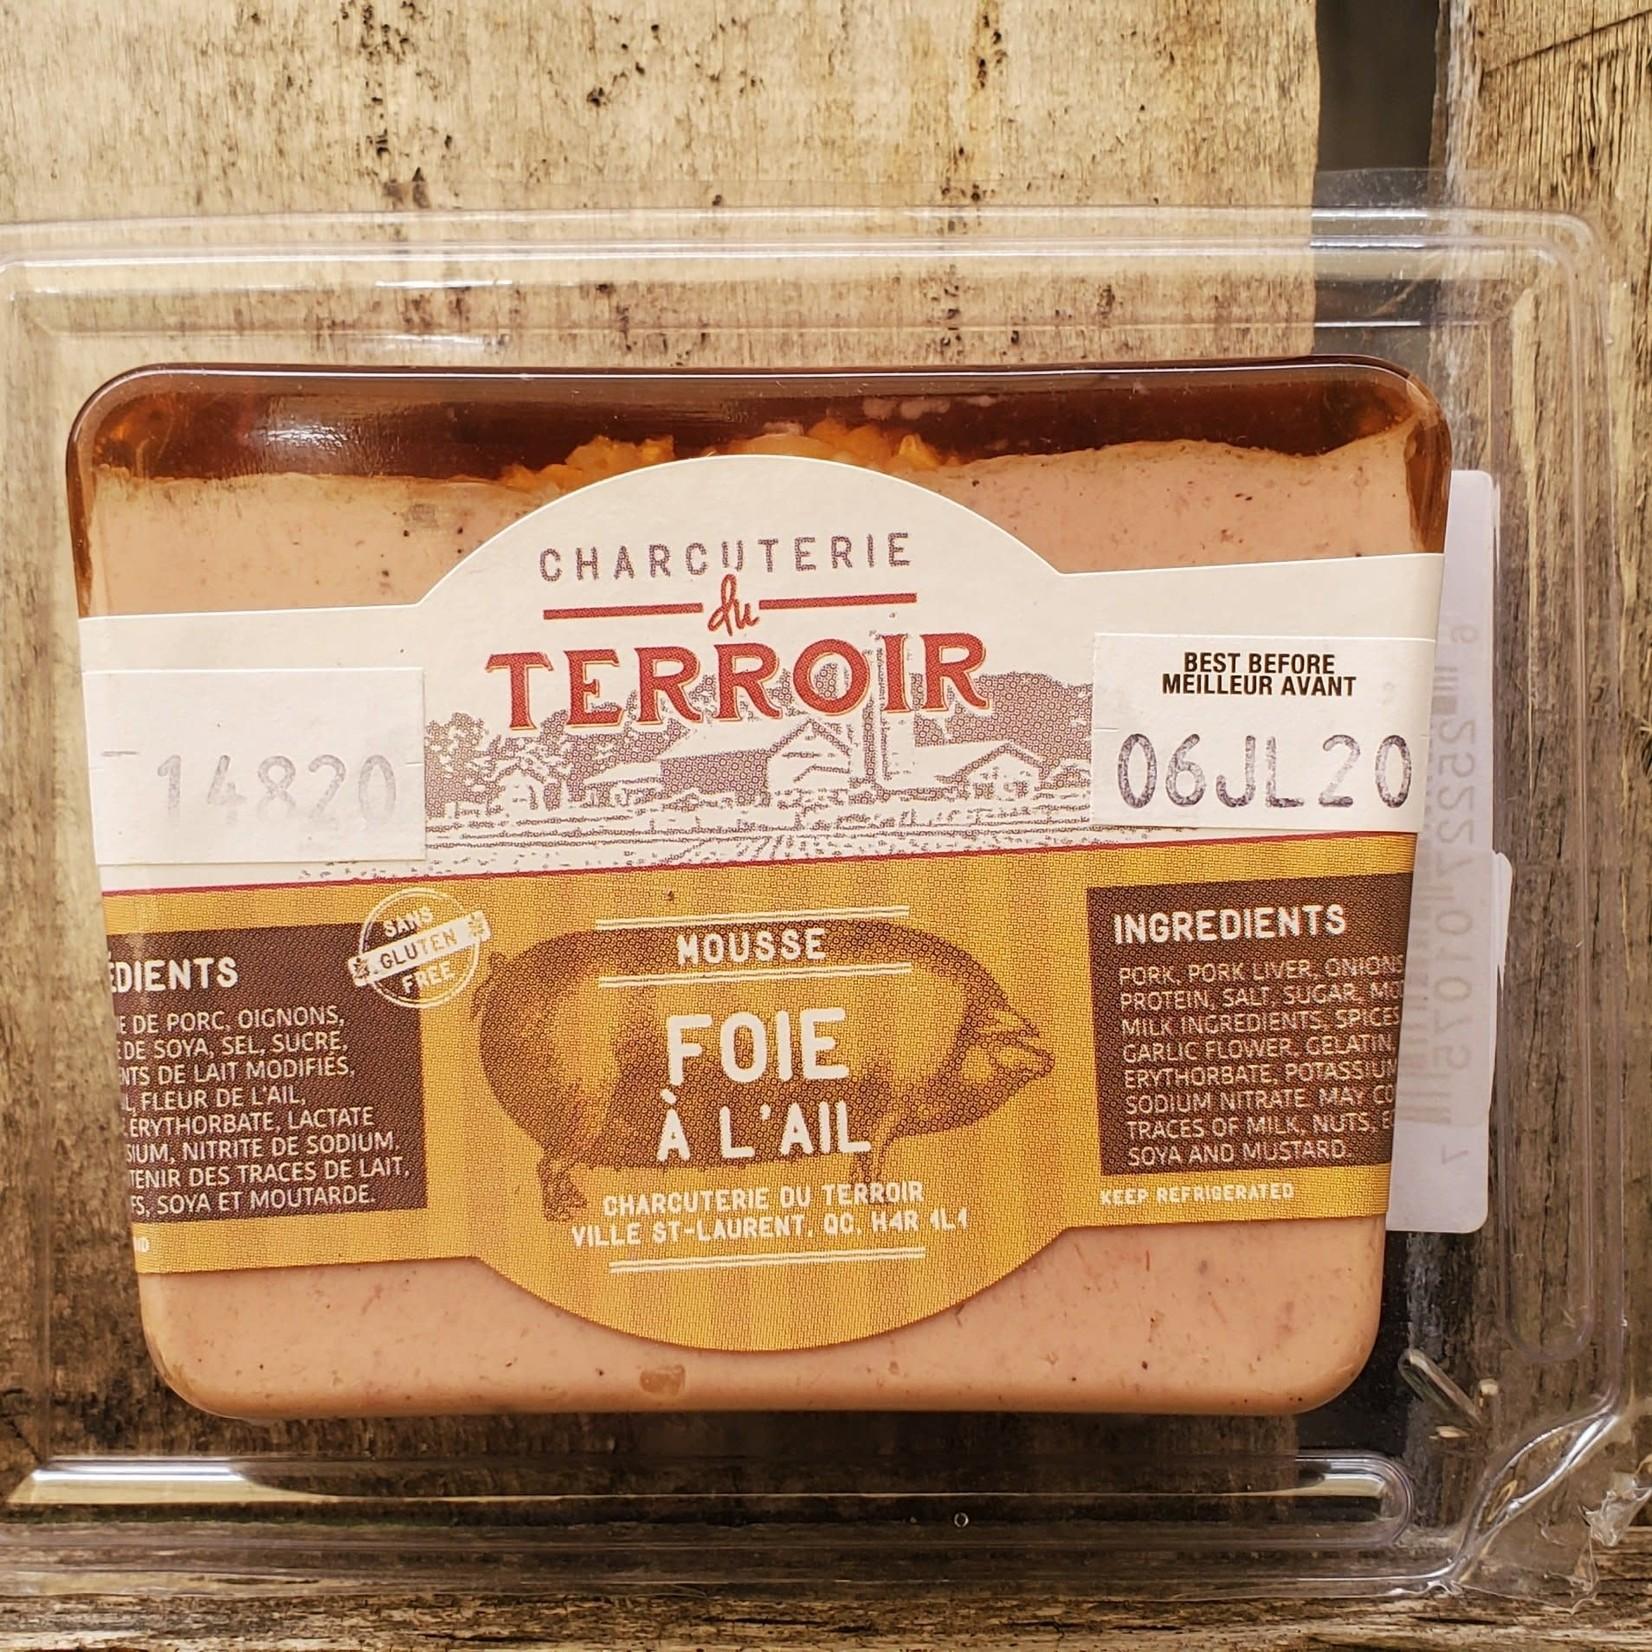 Mousse - Foie à l'ail